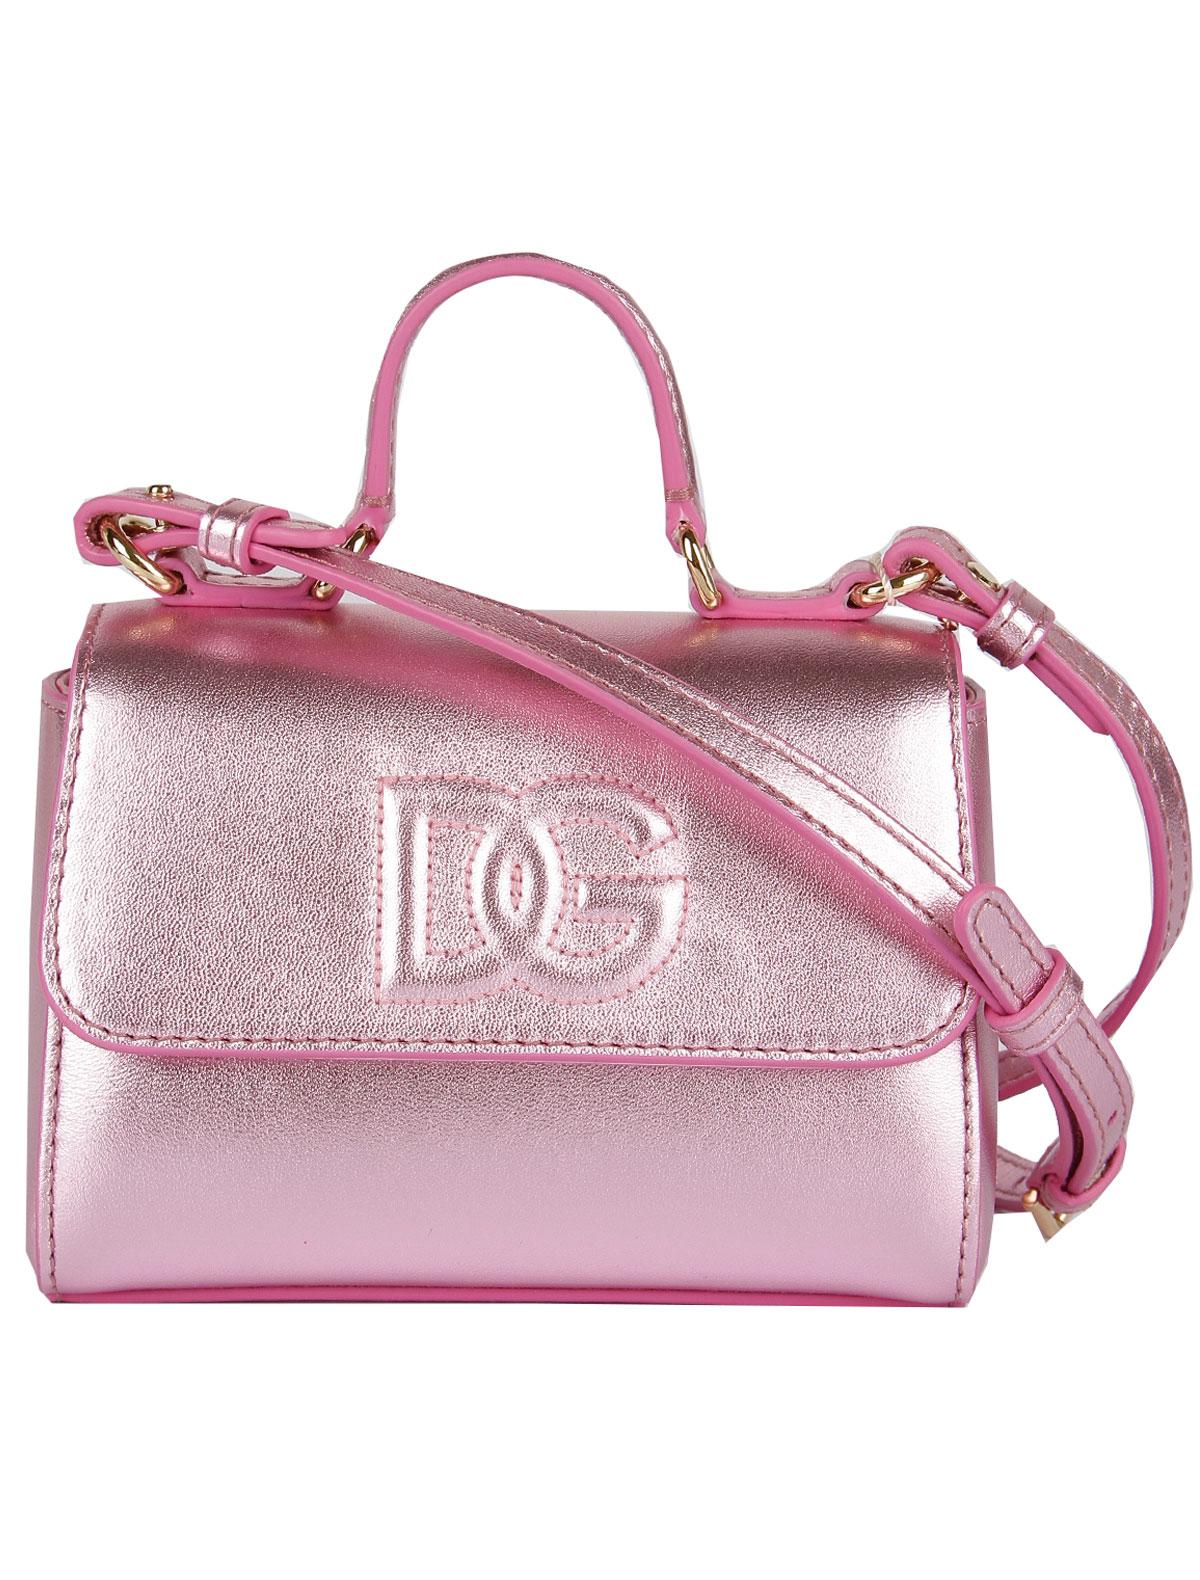 Сумка Dolce & Gabbana розового цвета